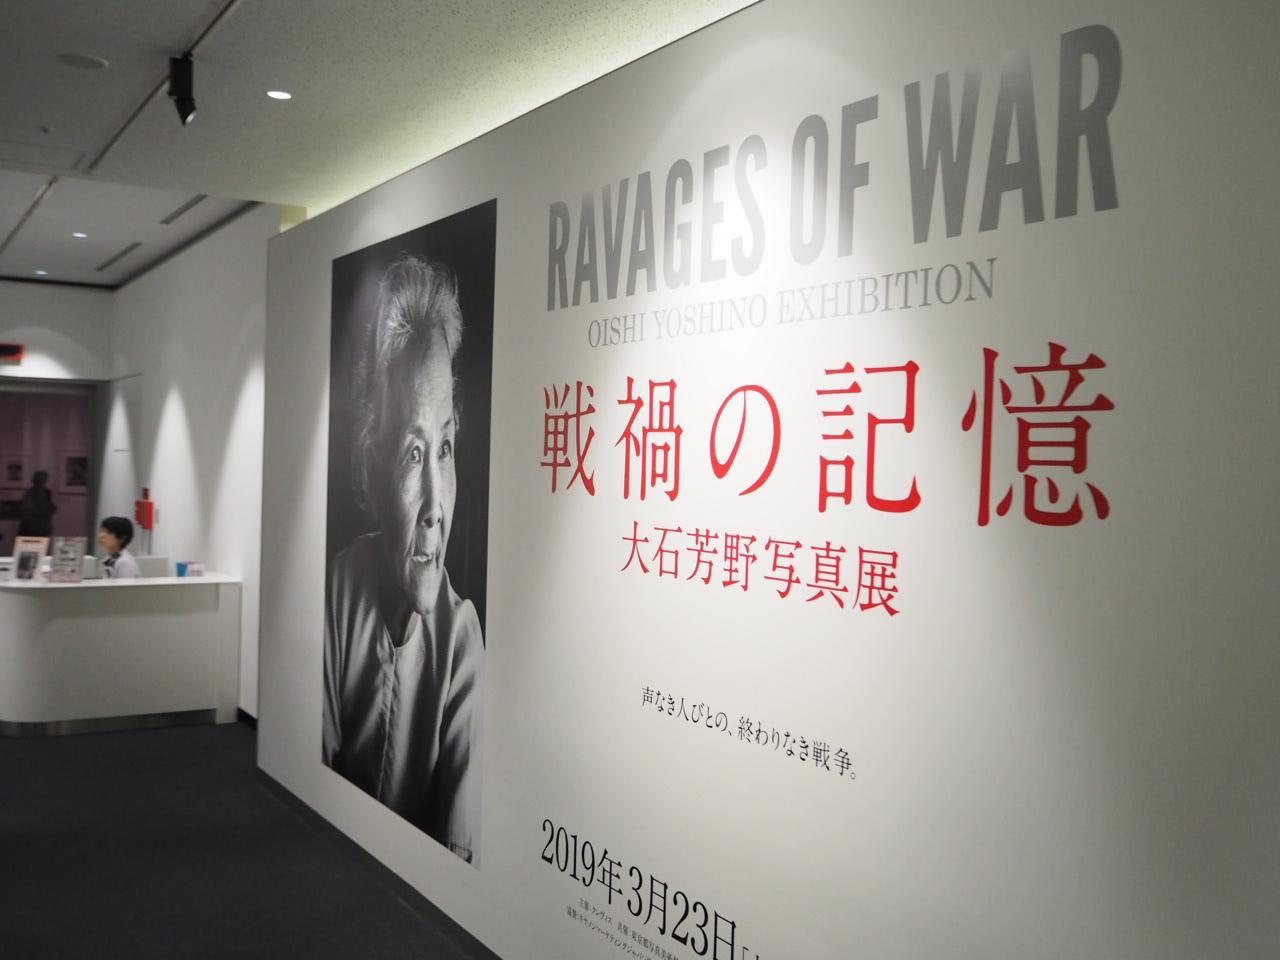 画像1: 大石芳野写真展「戦禍の記憶」 ●開催中〜2019年5月12(日)●於:東京都写真美術館